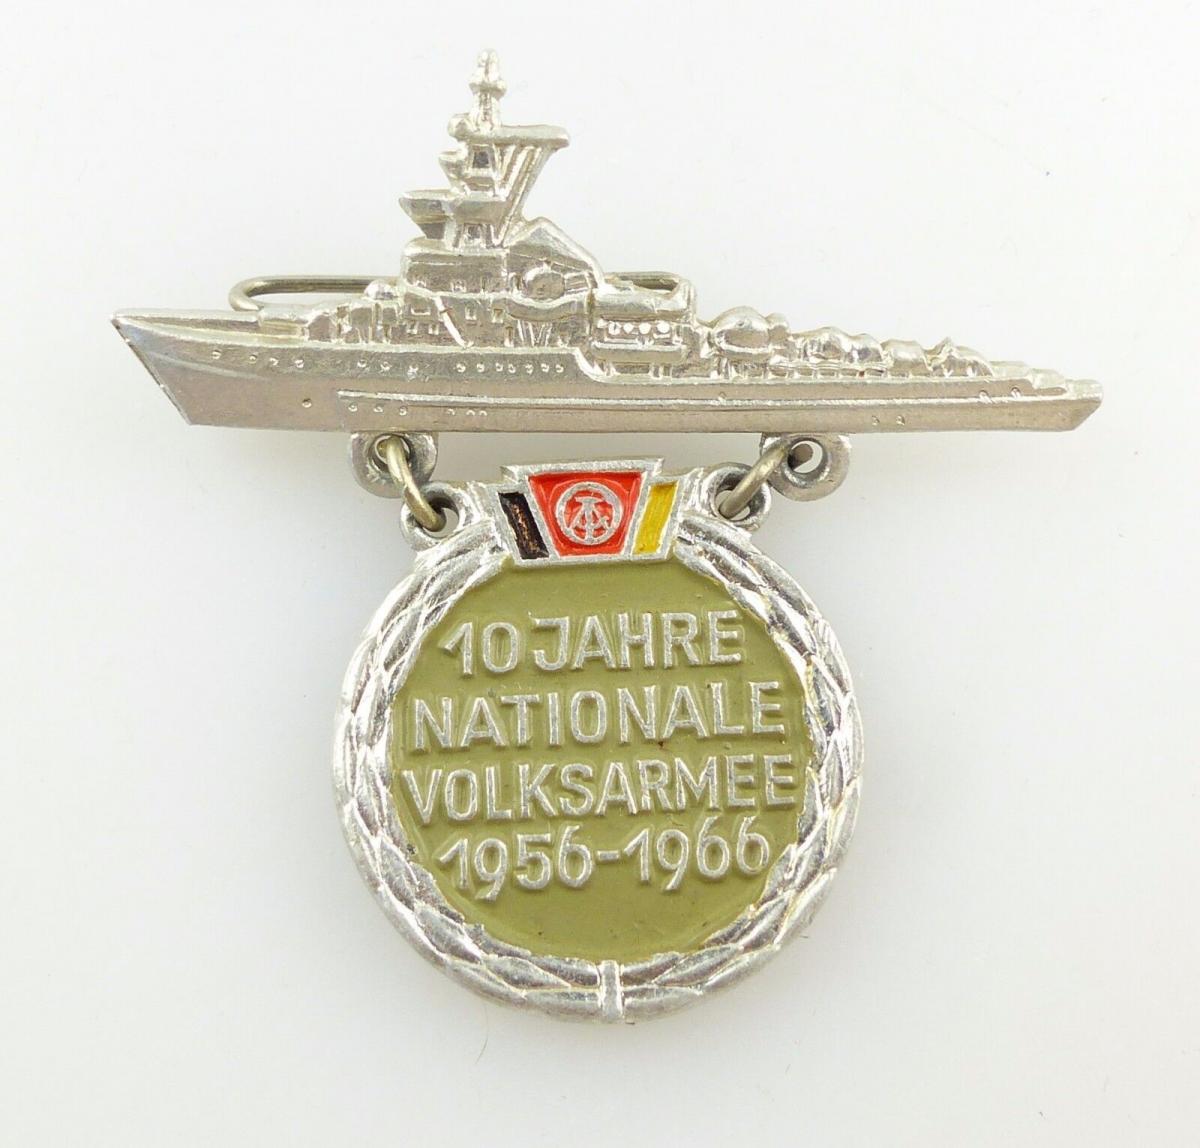 #e5707 Anstecknadel DDR Abzeichen 10 Jahre Nationale Volksarmee 1956-1966 Marine